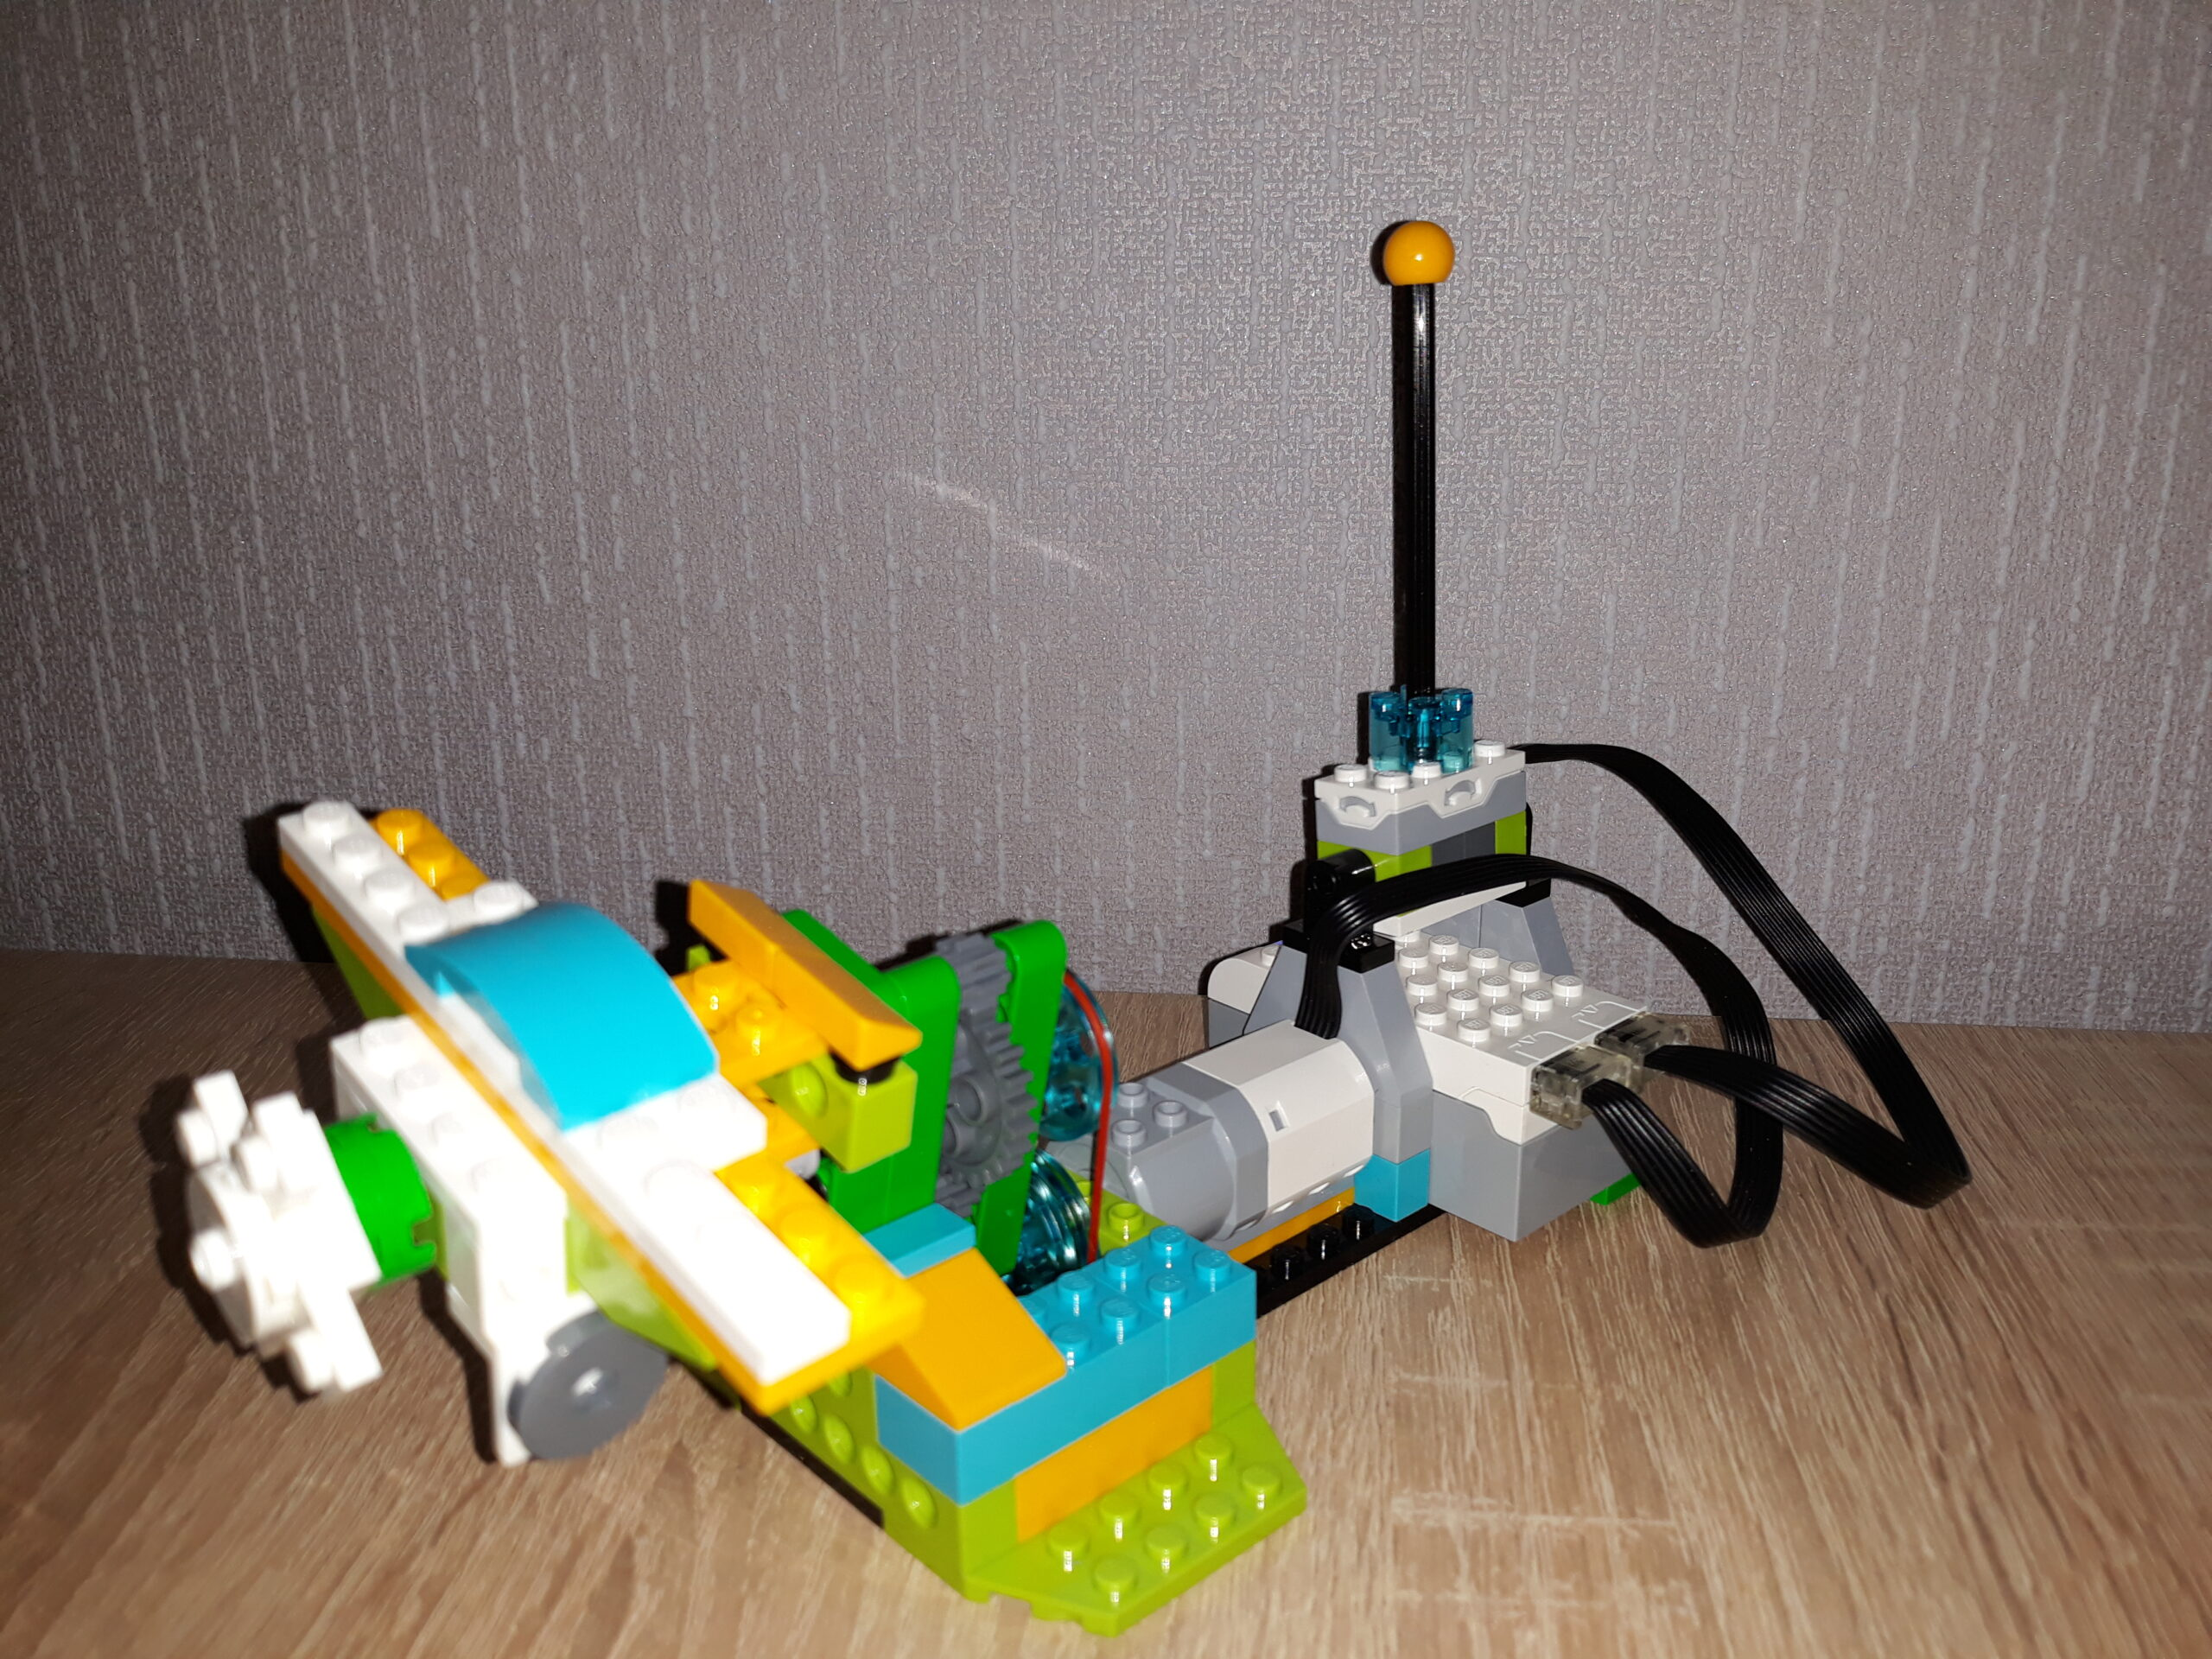 Инструкция по сборке из набора LEGO Education WeDo 2.0 Самолет на виражах